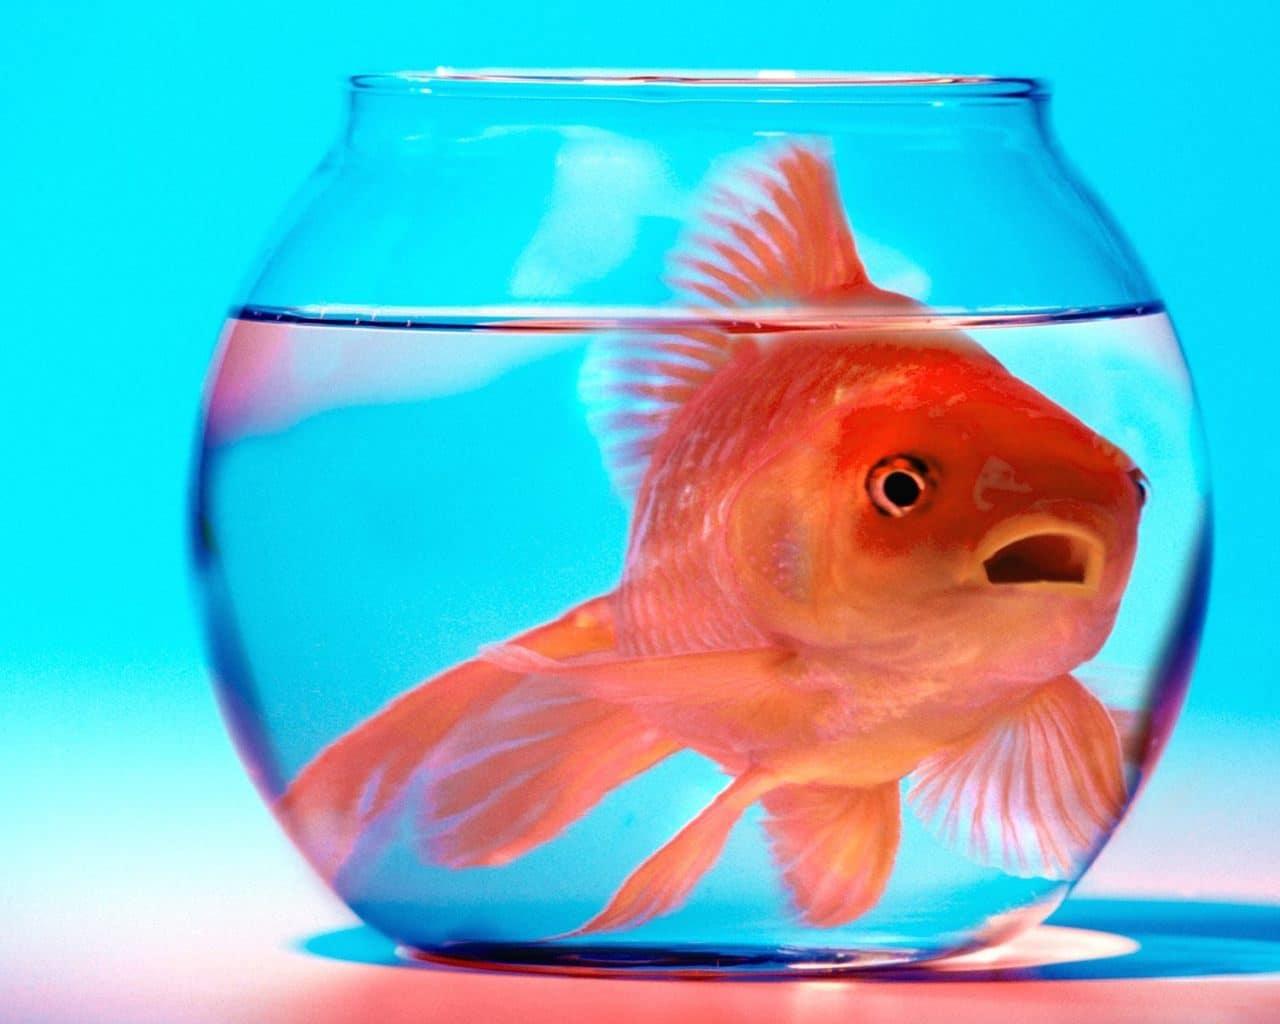 Aquários pequenos são mais propicios a depressão dos peixes